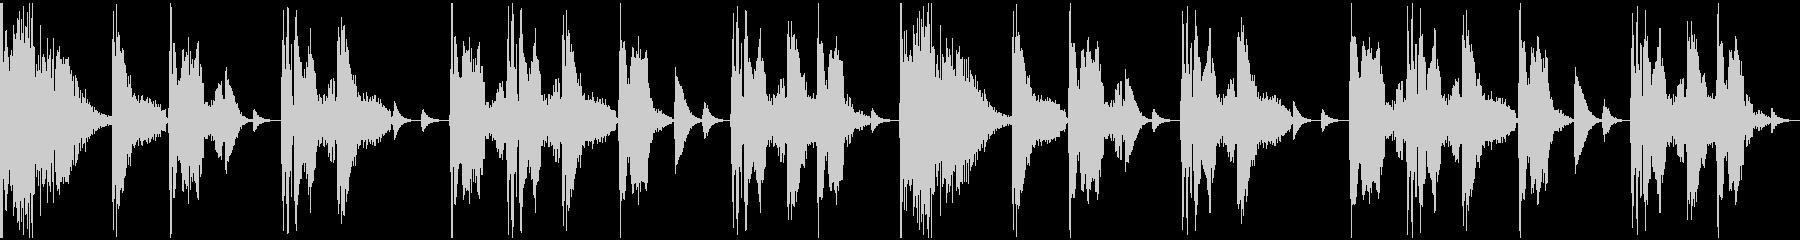 【エレクトロニカ】ロング3、ショート5の未再生の波形